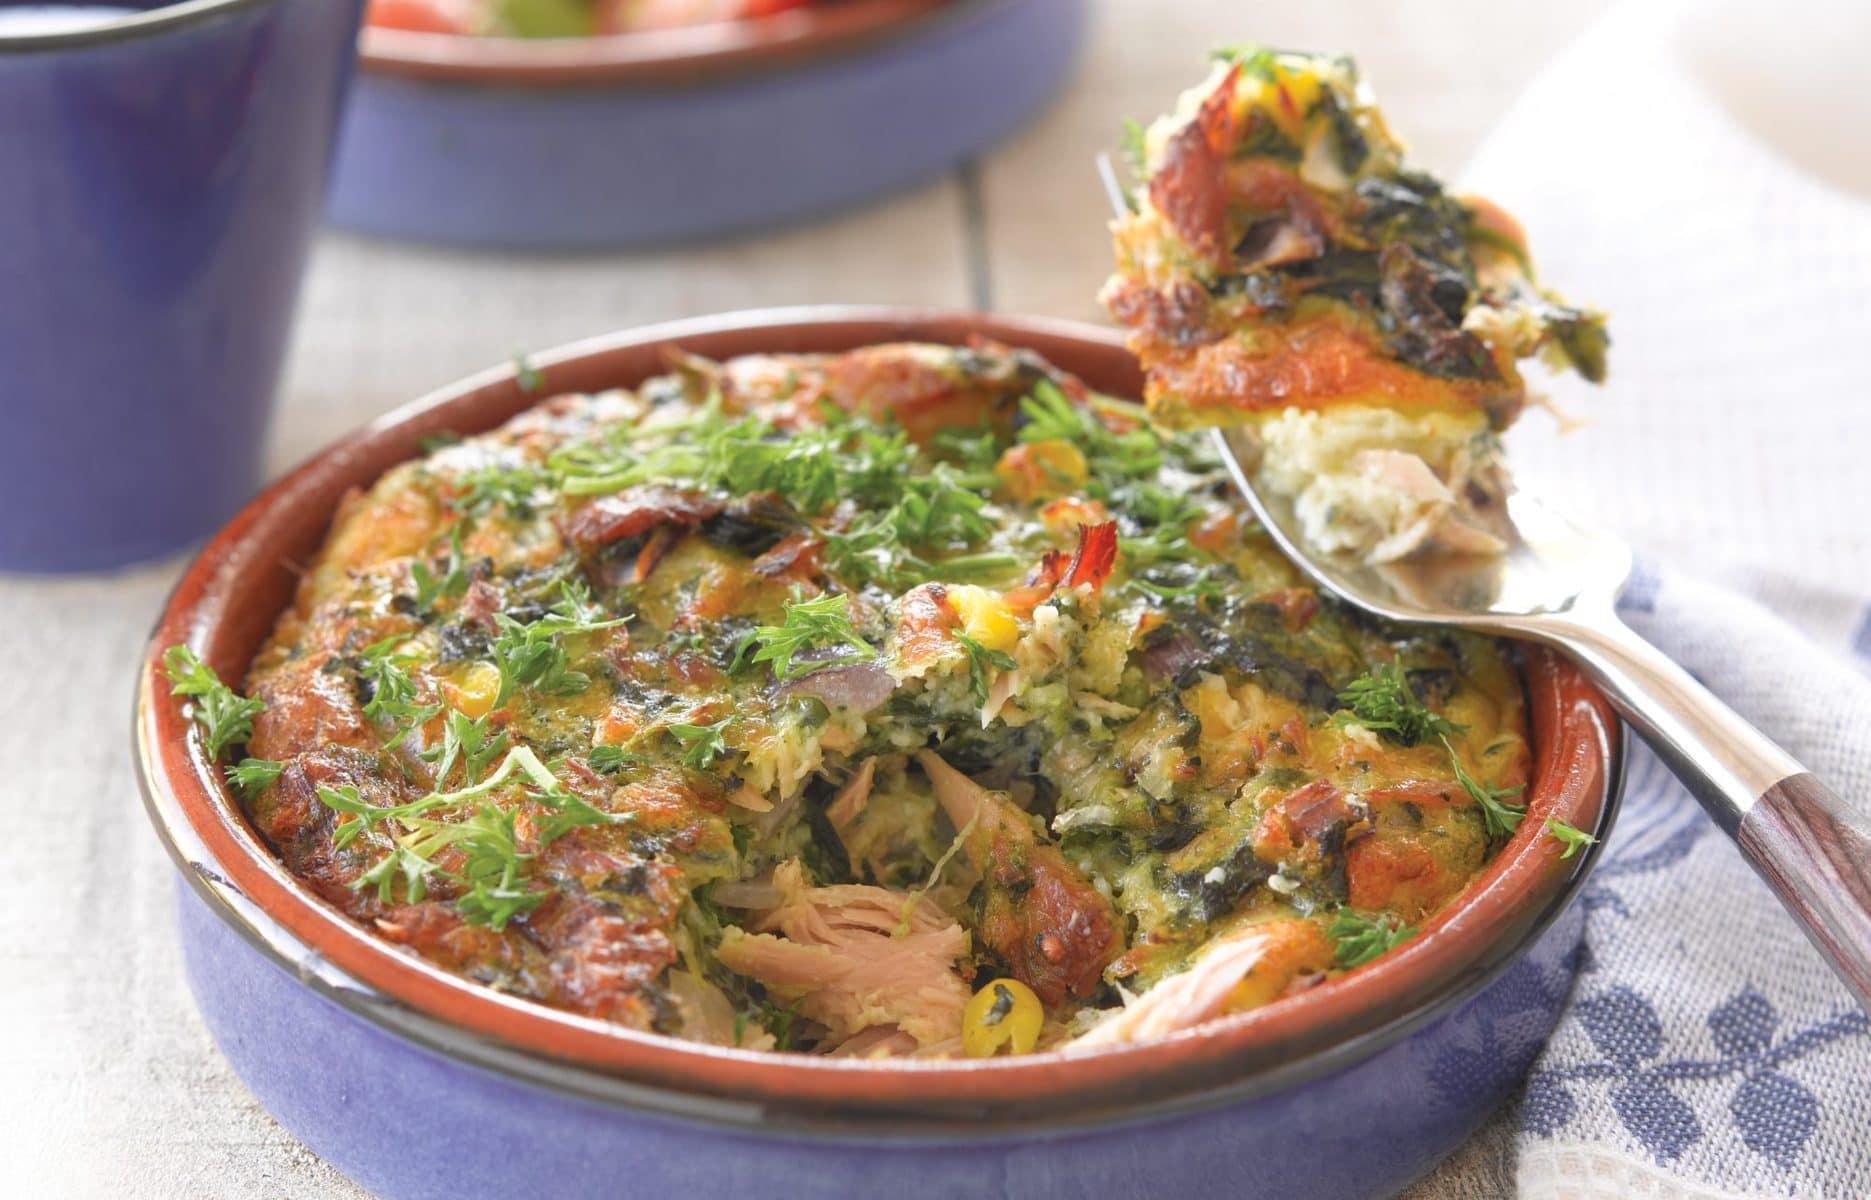 Crustless tuna quiche